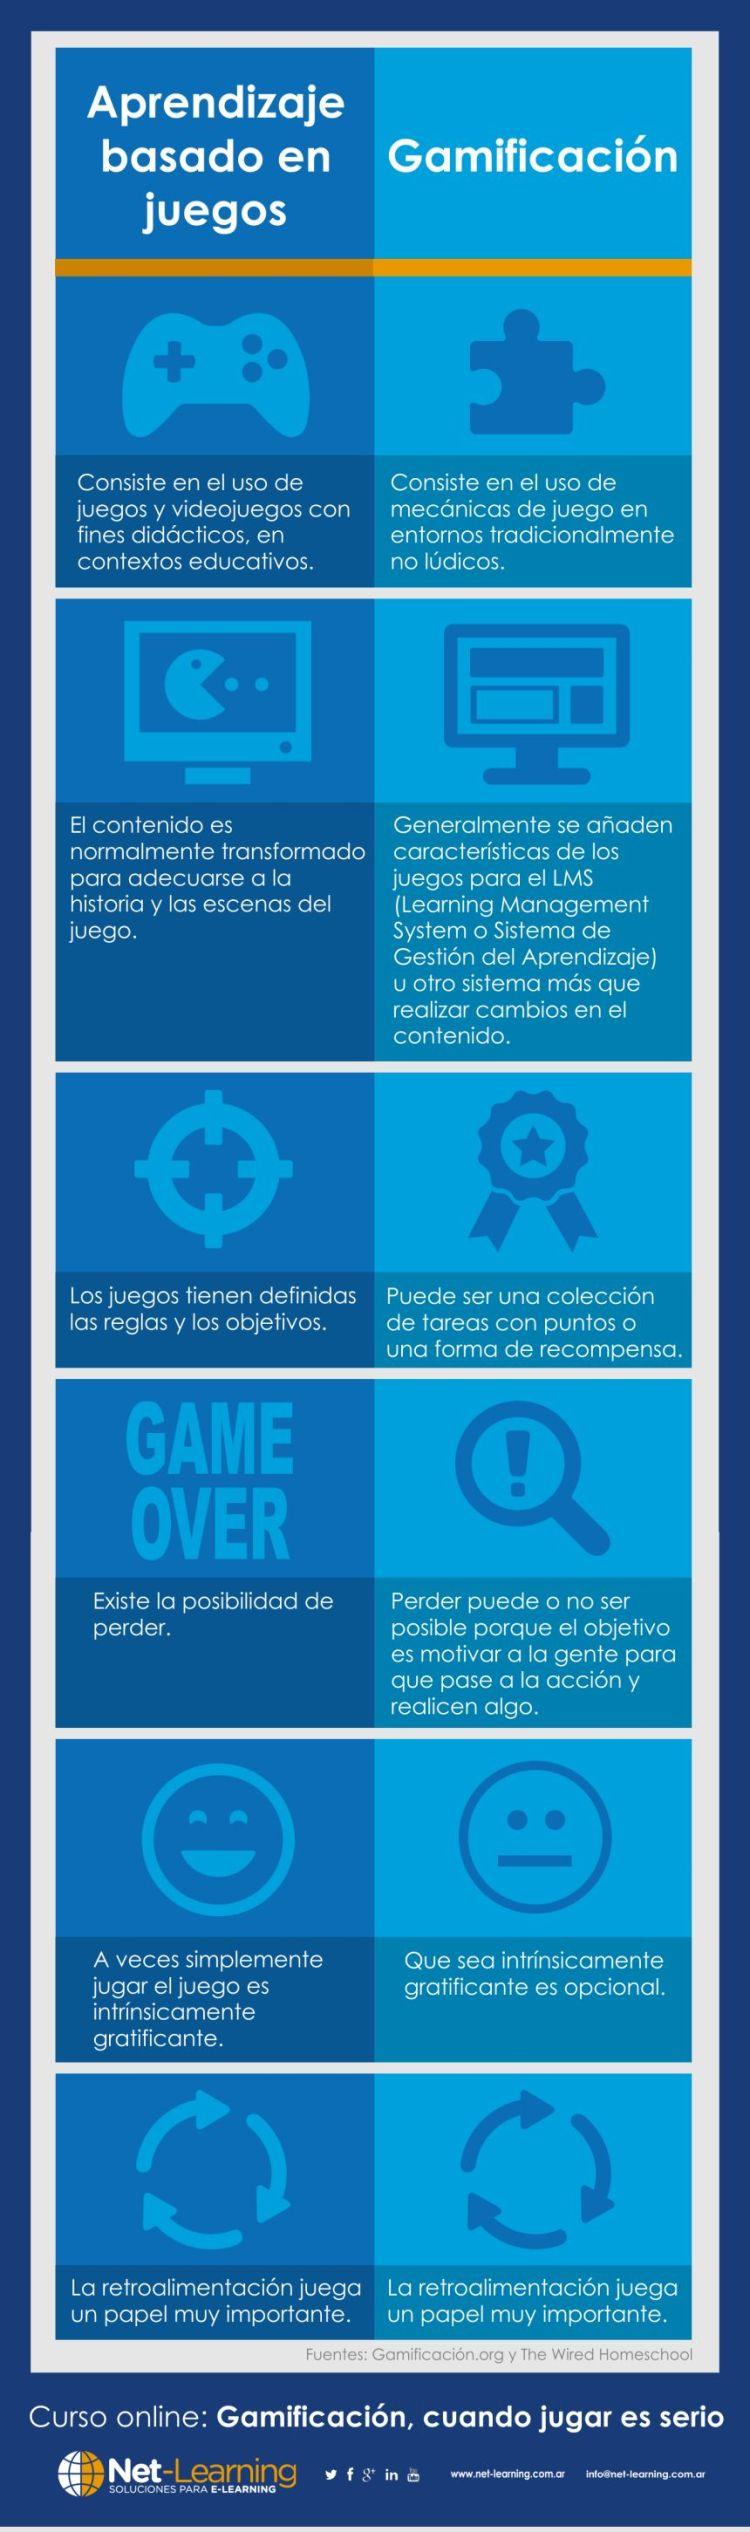 gamificacion-vs-aprendizaje-basado-en-juegos-infografia